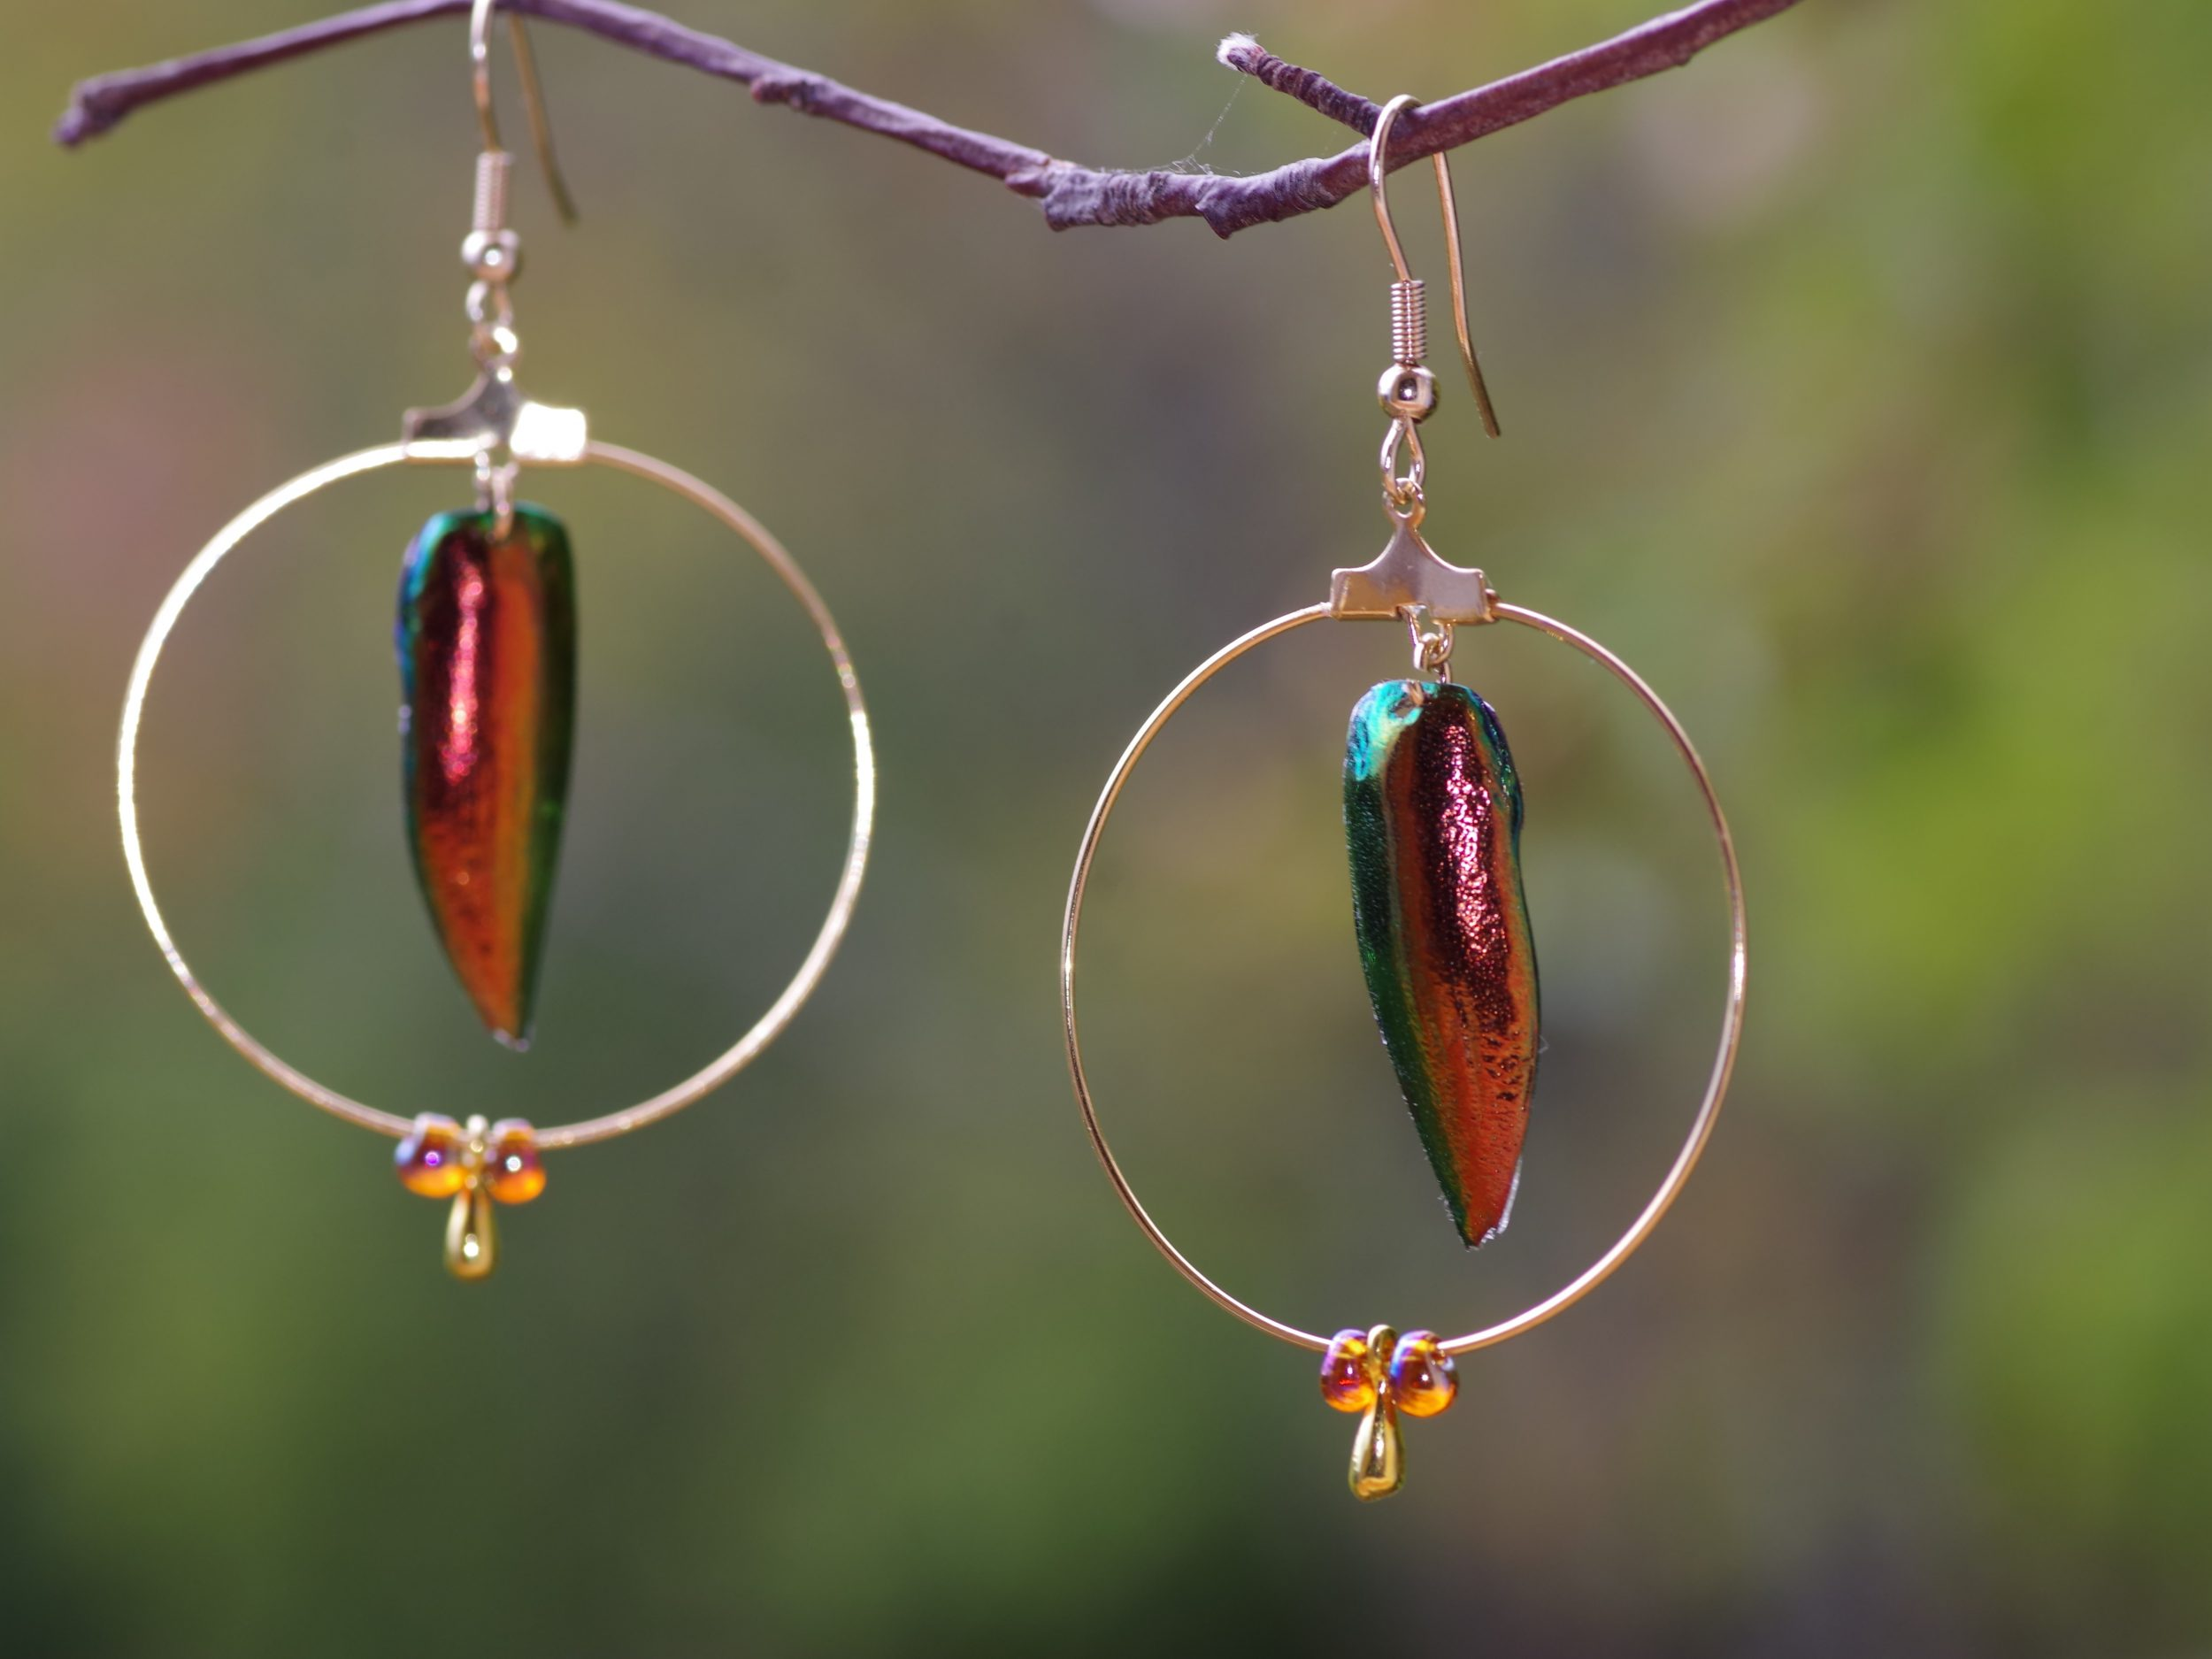 boucles d'oreilles avec des élytres cuivrés de scarabées à l'intérieur d'un anneau doré, trois petites gouttes pendent sous l'anneau.